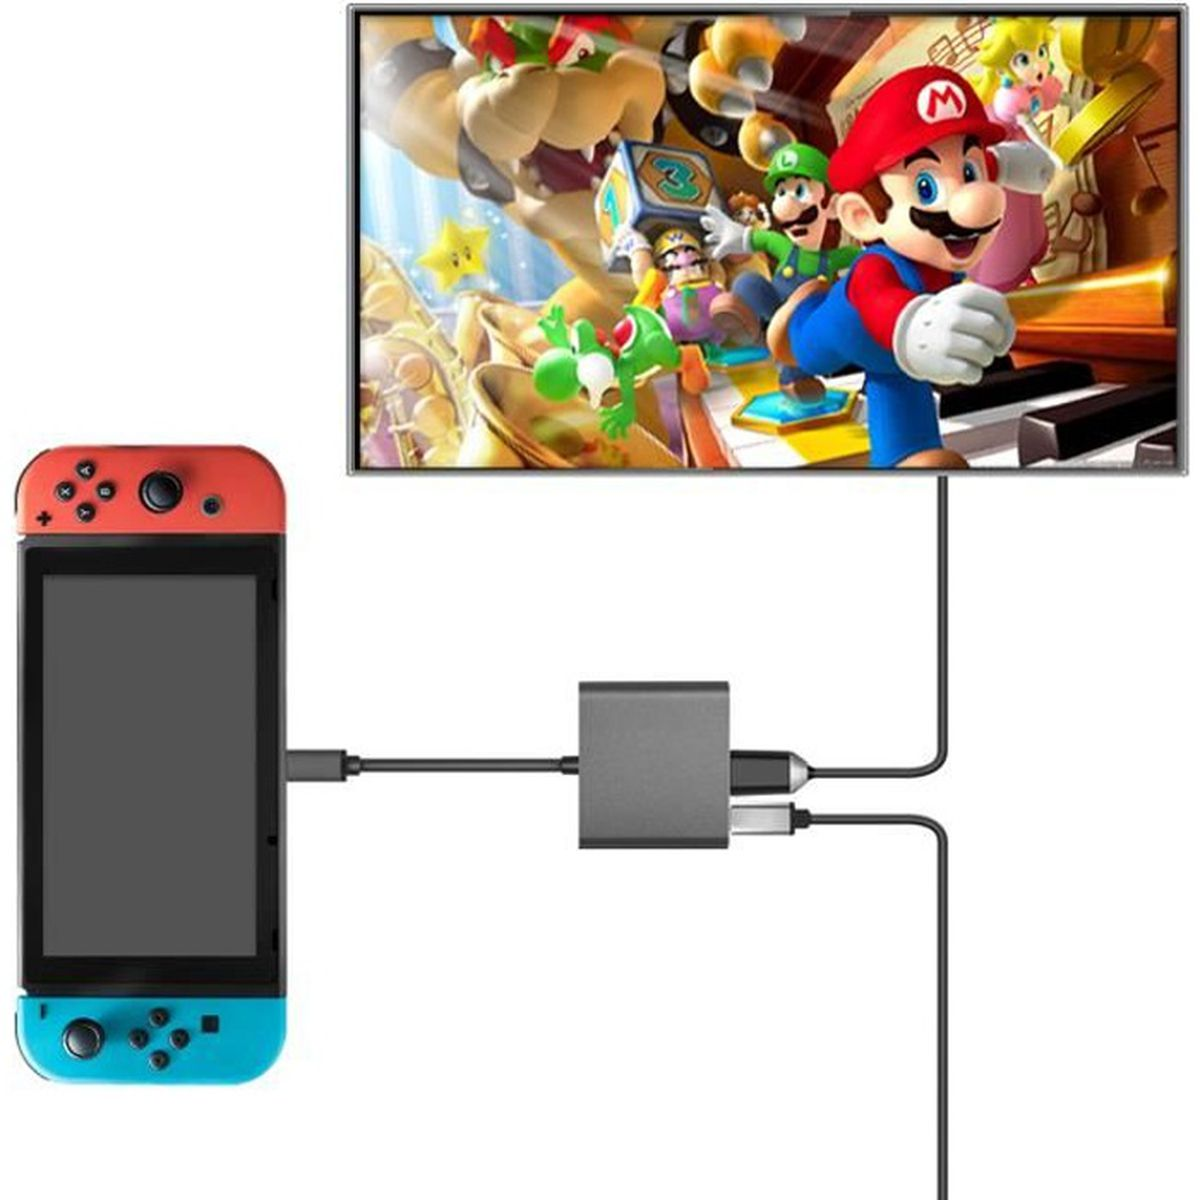 ADAPTATEUR MANETTE Adaptateur Type-C vers HDMI, Adaptateur USB 3-en-1